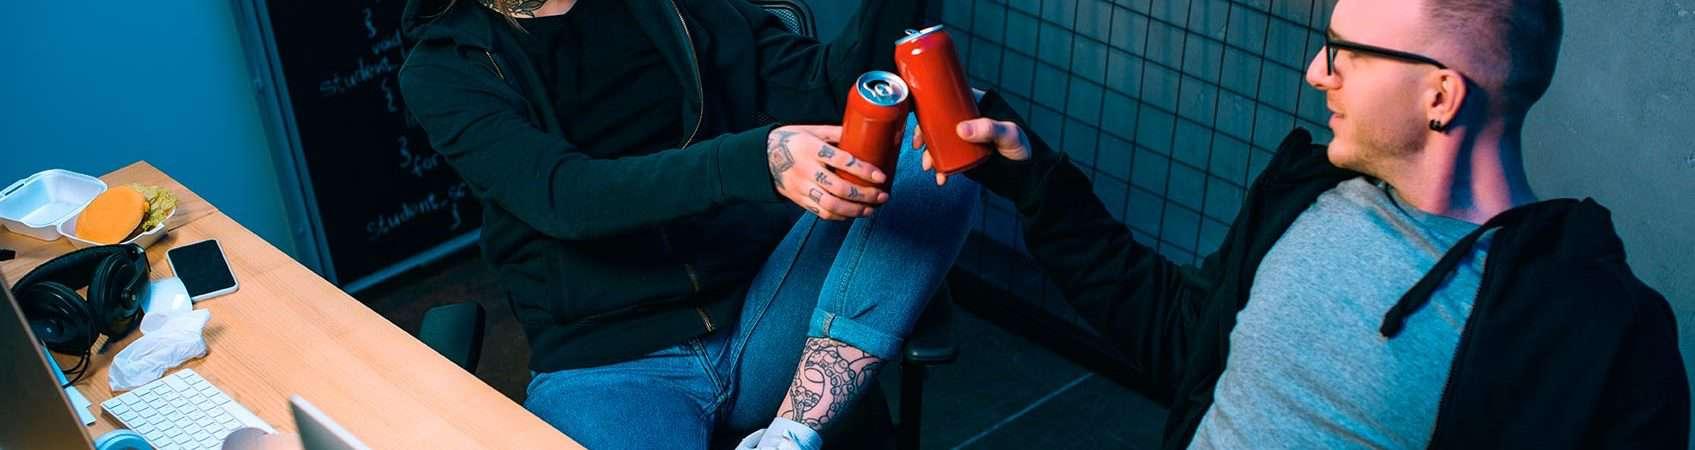 hackers brindando com duas latas de cerveja na frente de computadores